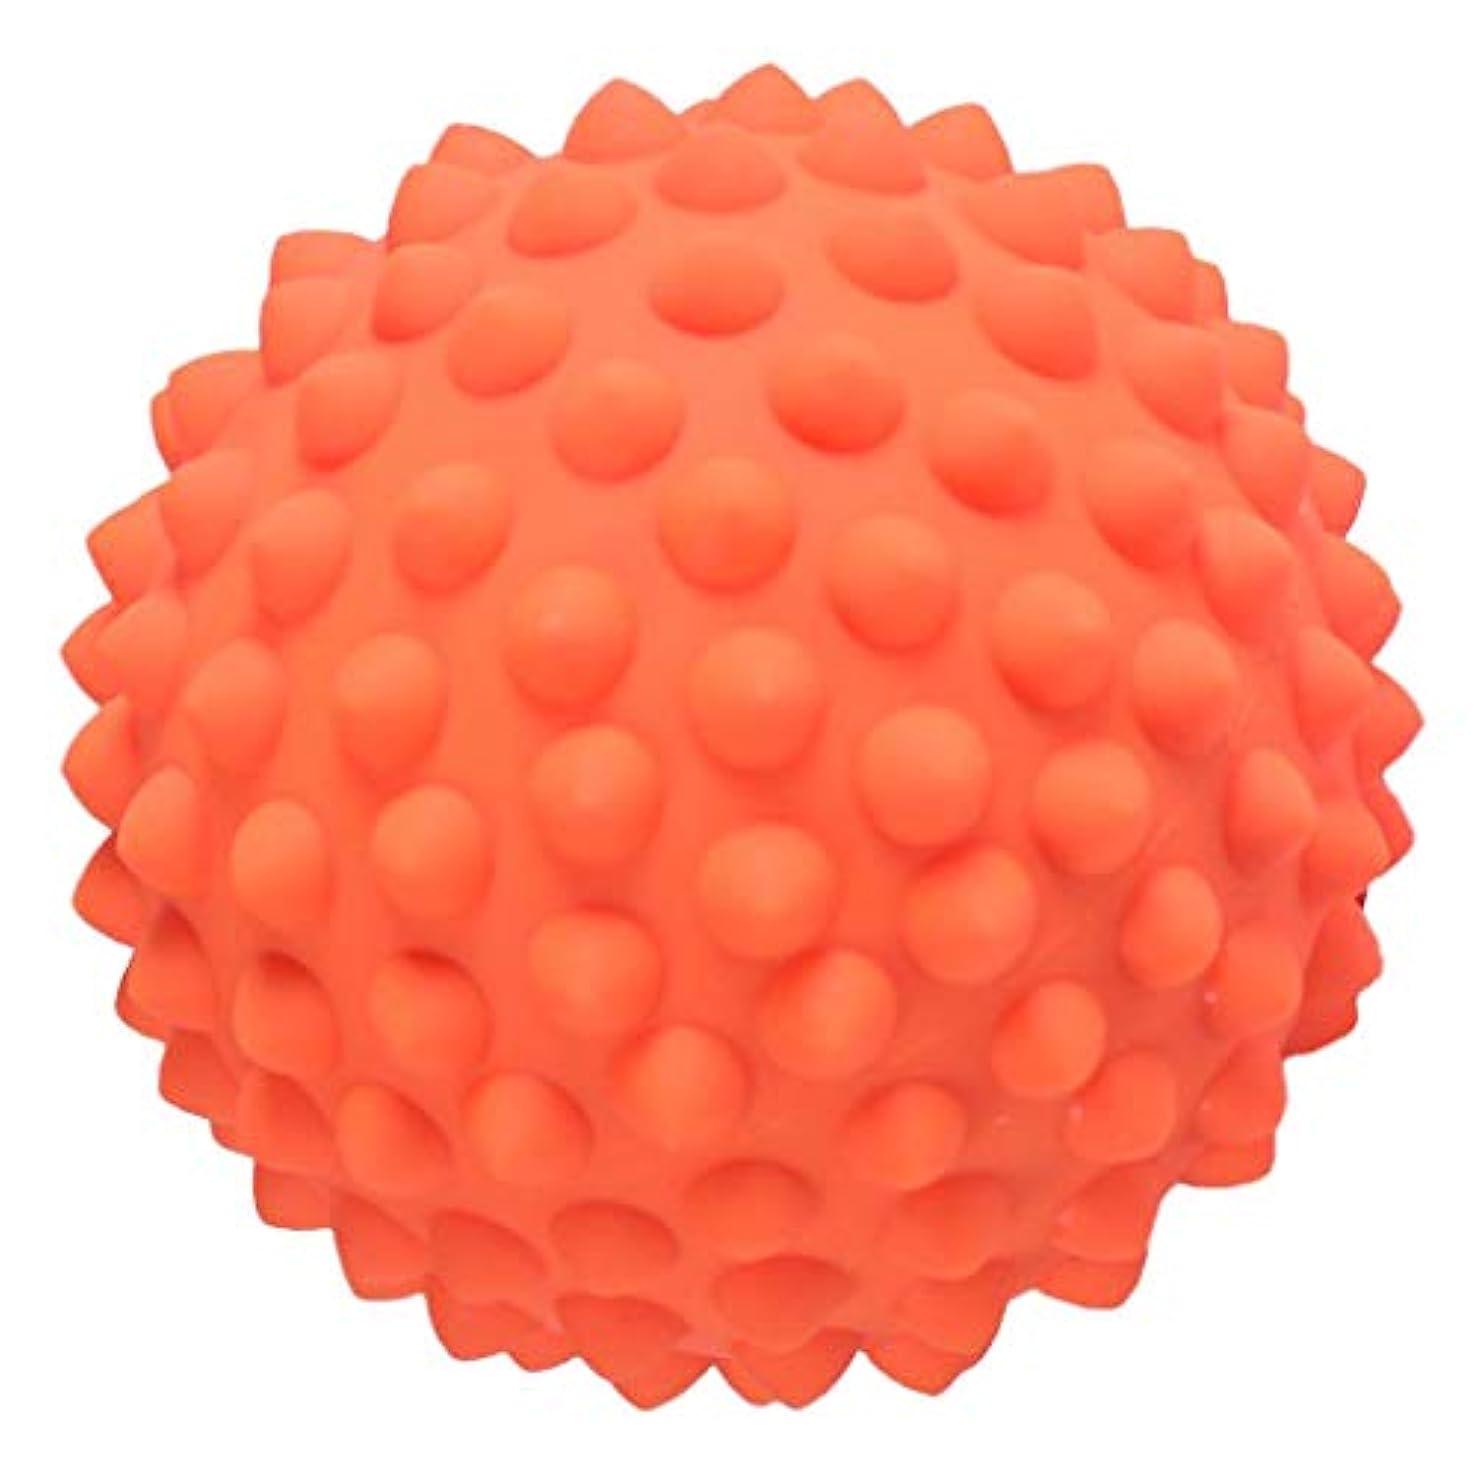 四半期白雪姫ノーブルPerfeclan ハードマッサージ マッサージボール ハード トリガーマッサージ ポインマッサージ 3色選べ - オレンジ, 説明のとおり